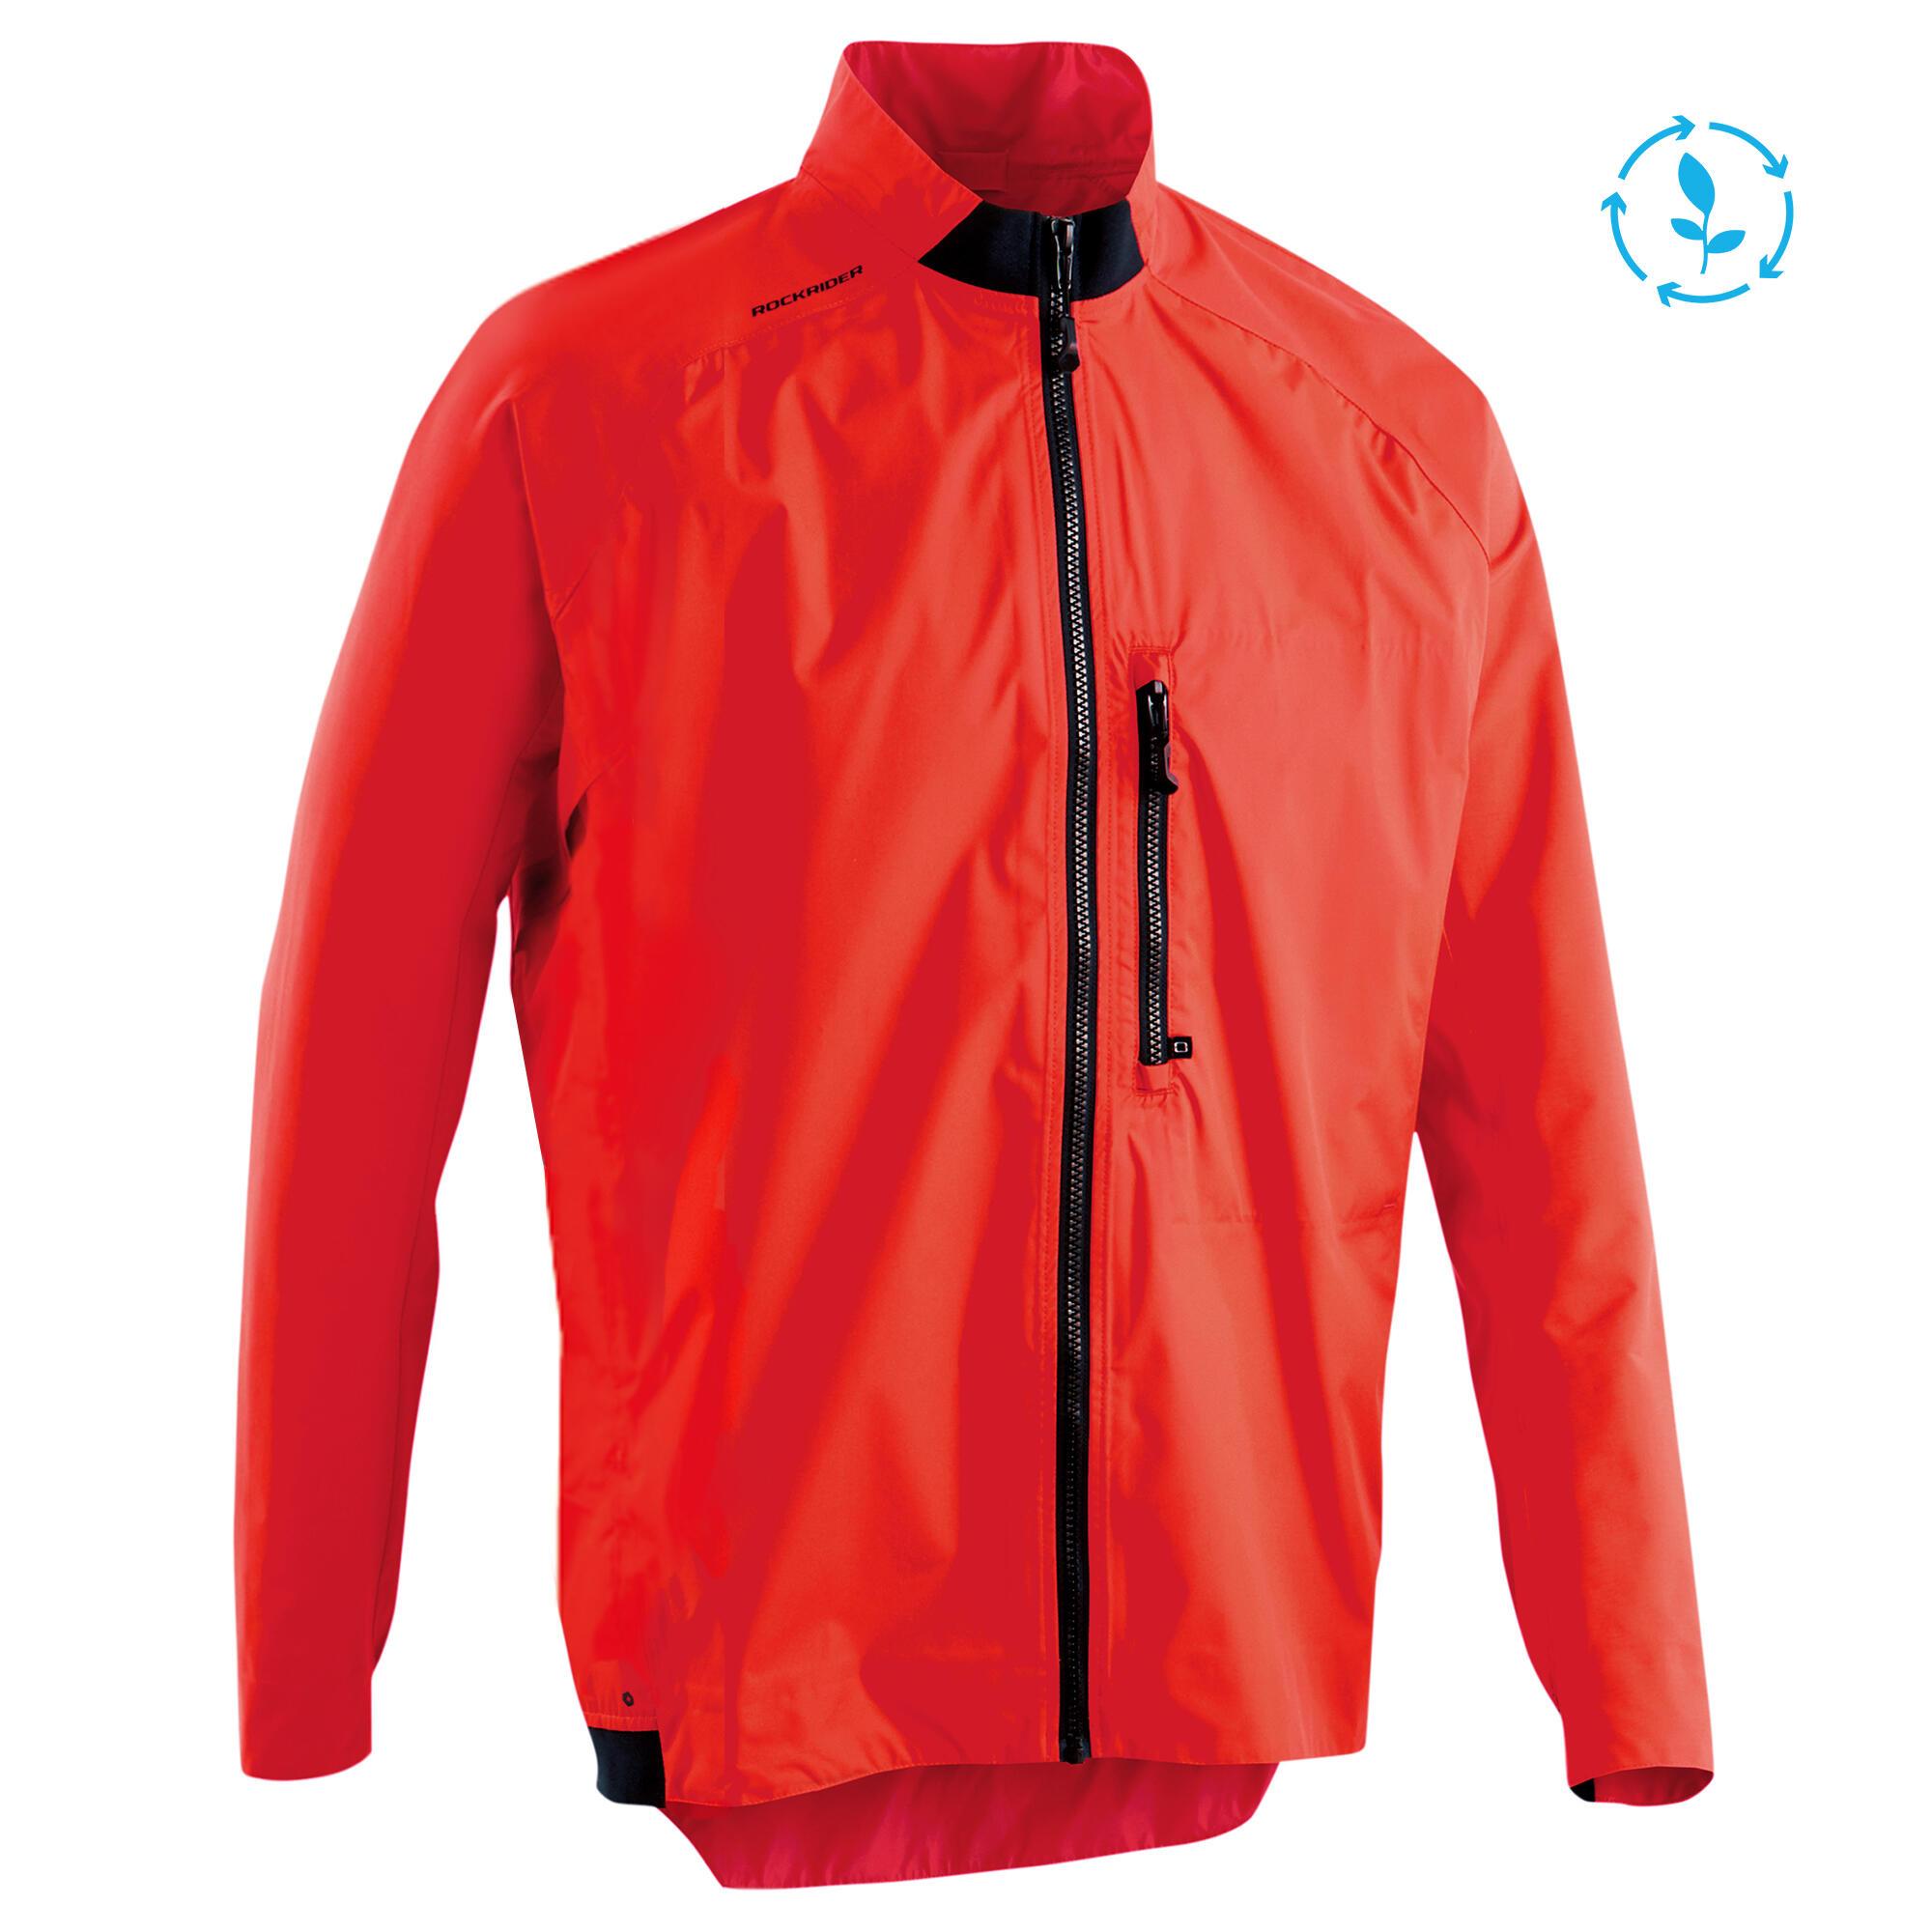 Jachetă Protecţie Ploaie 500 imagine